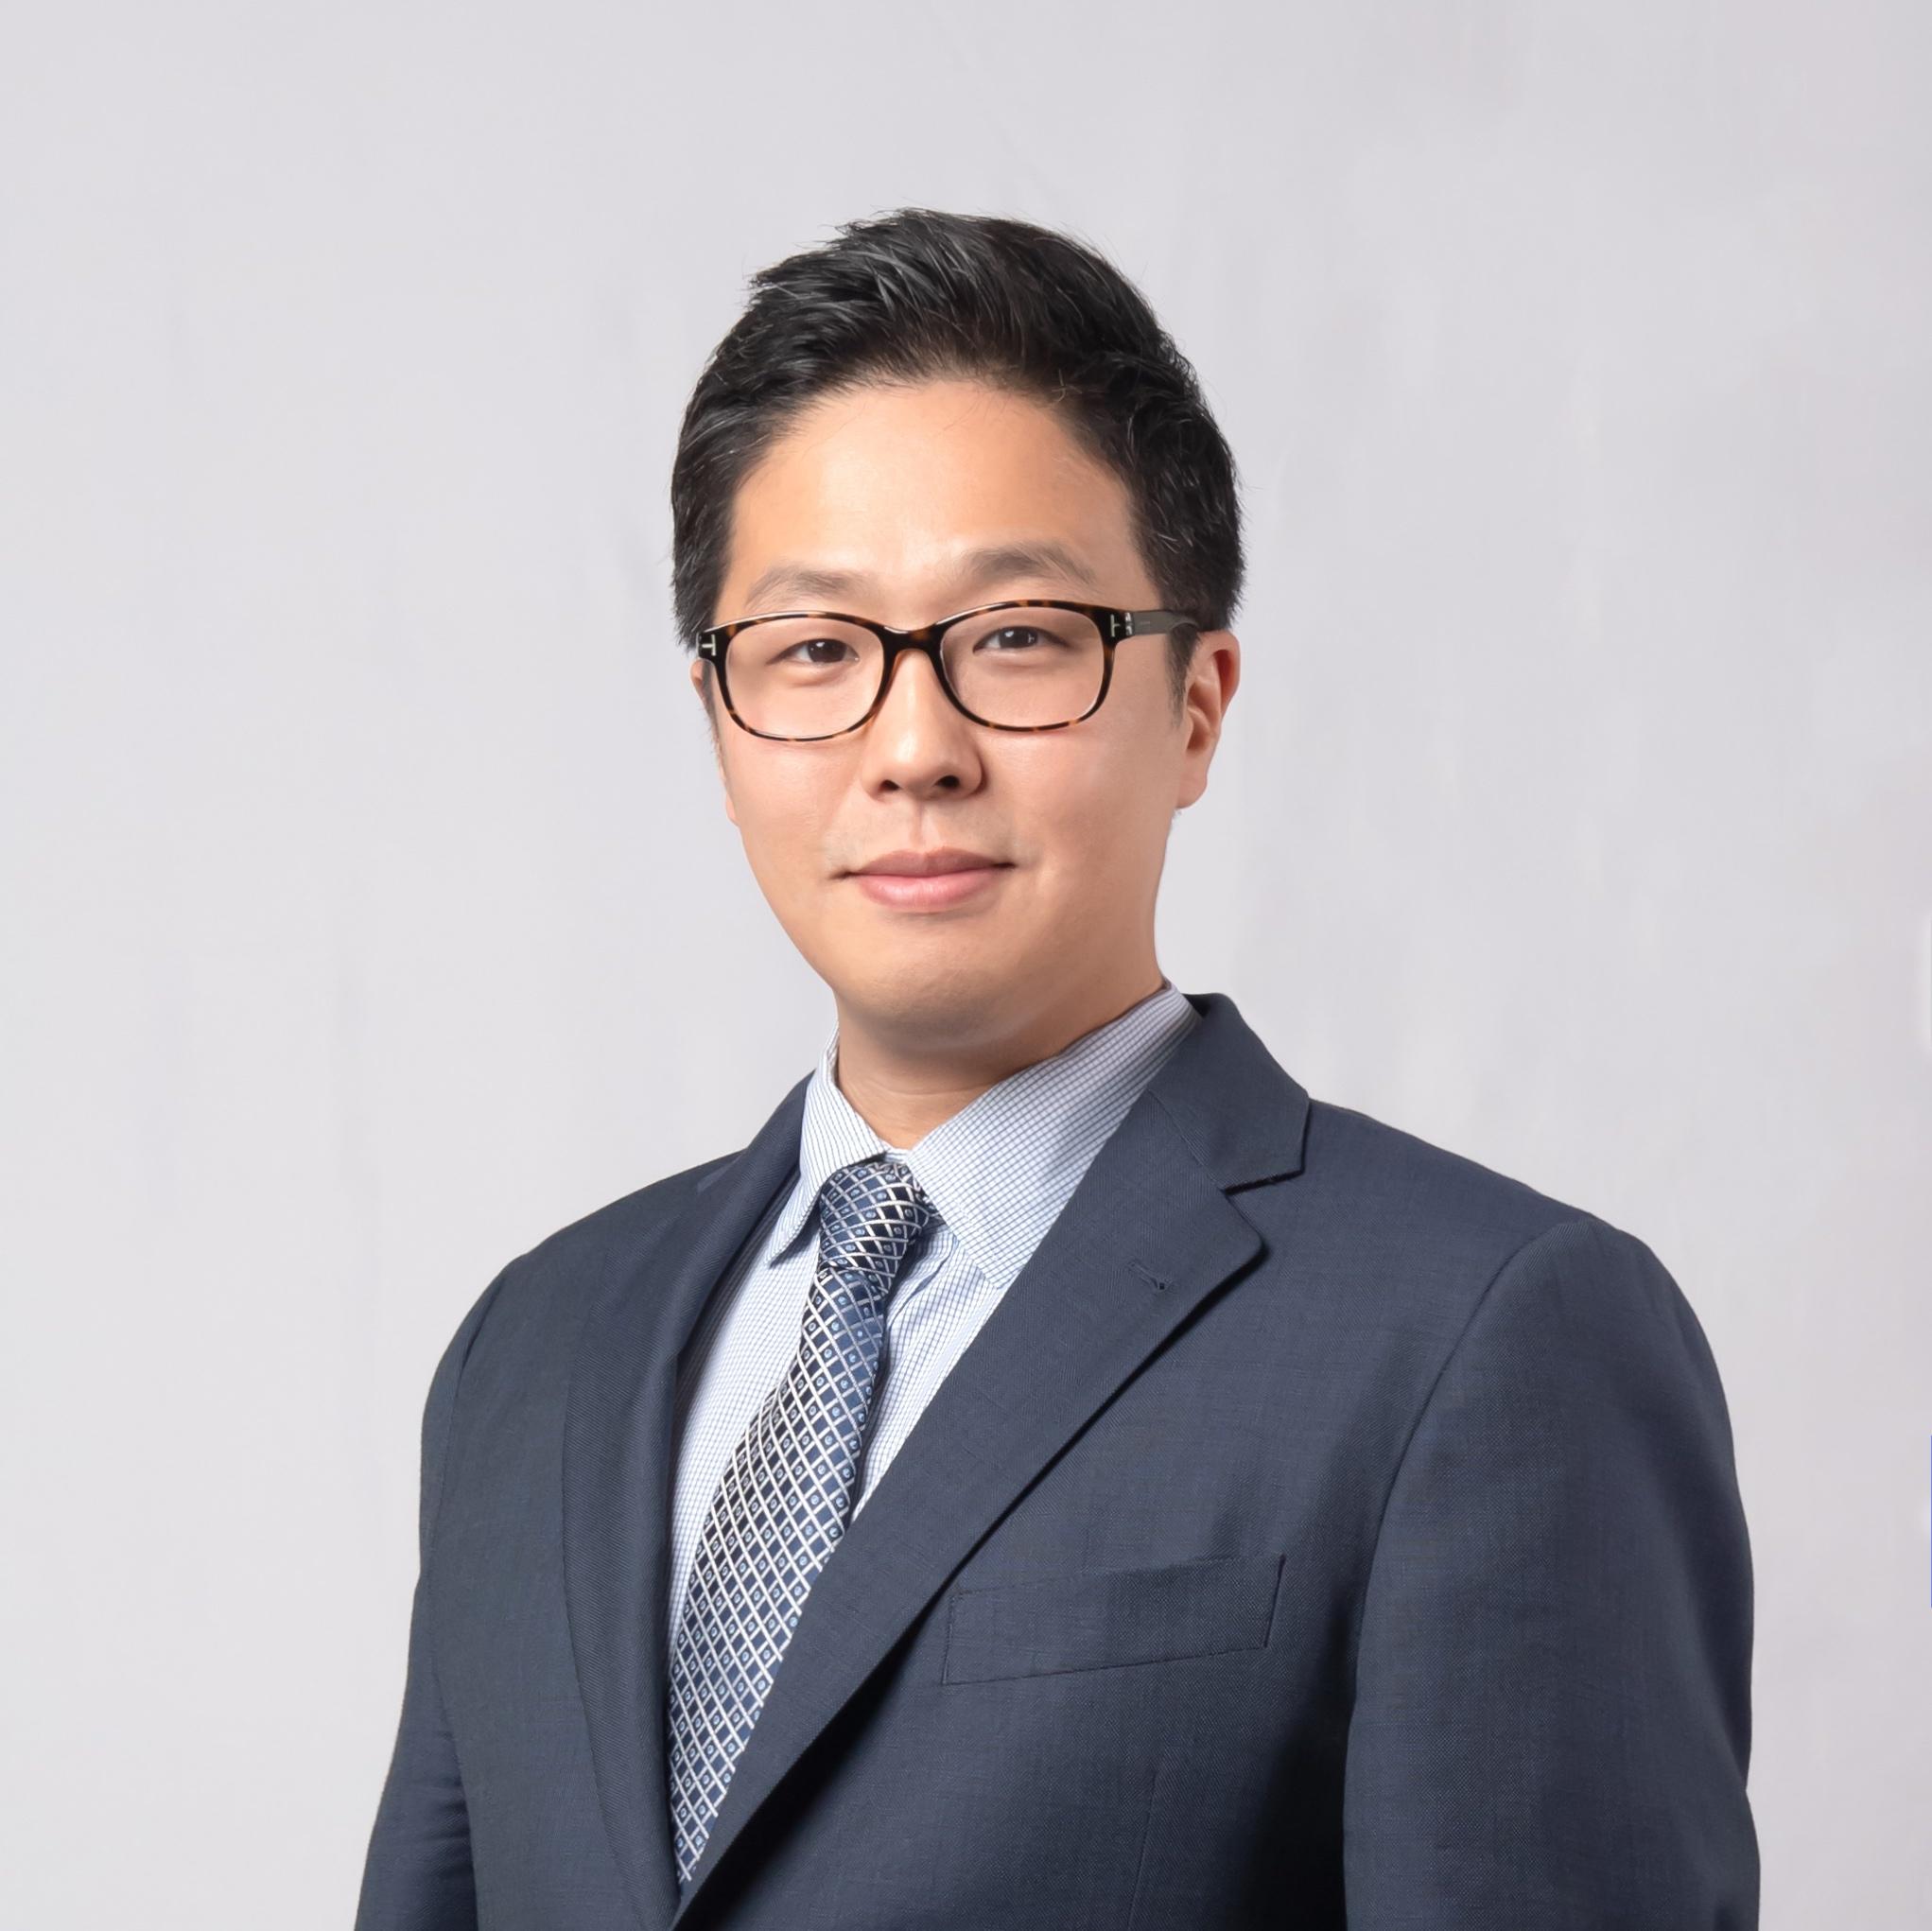 박대현 전도사